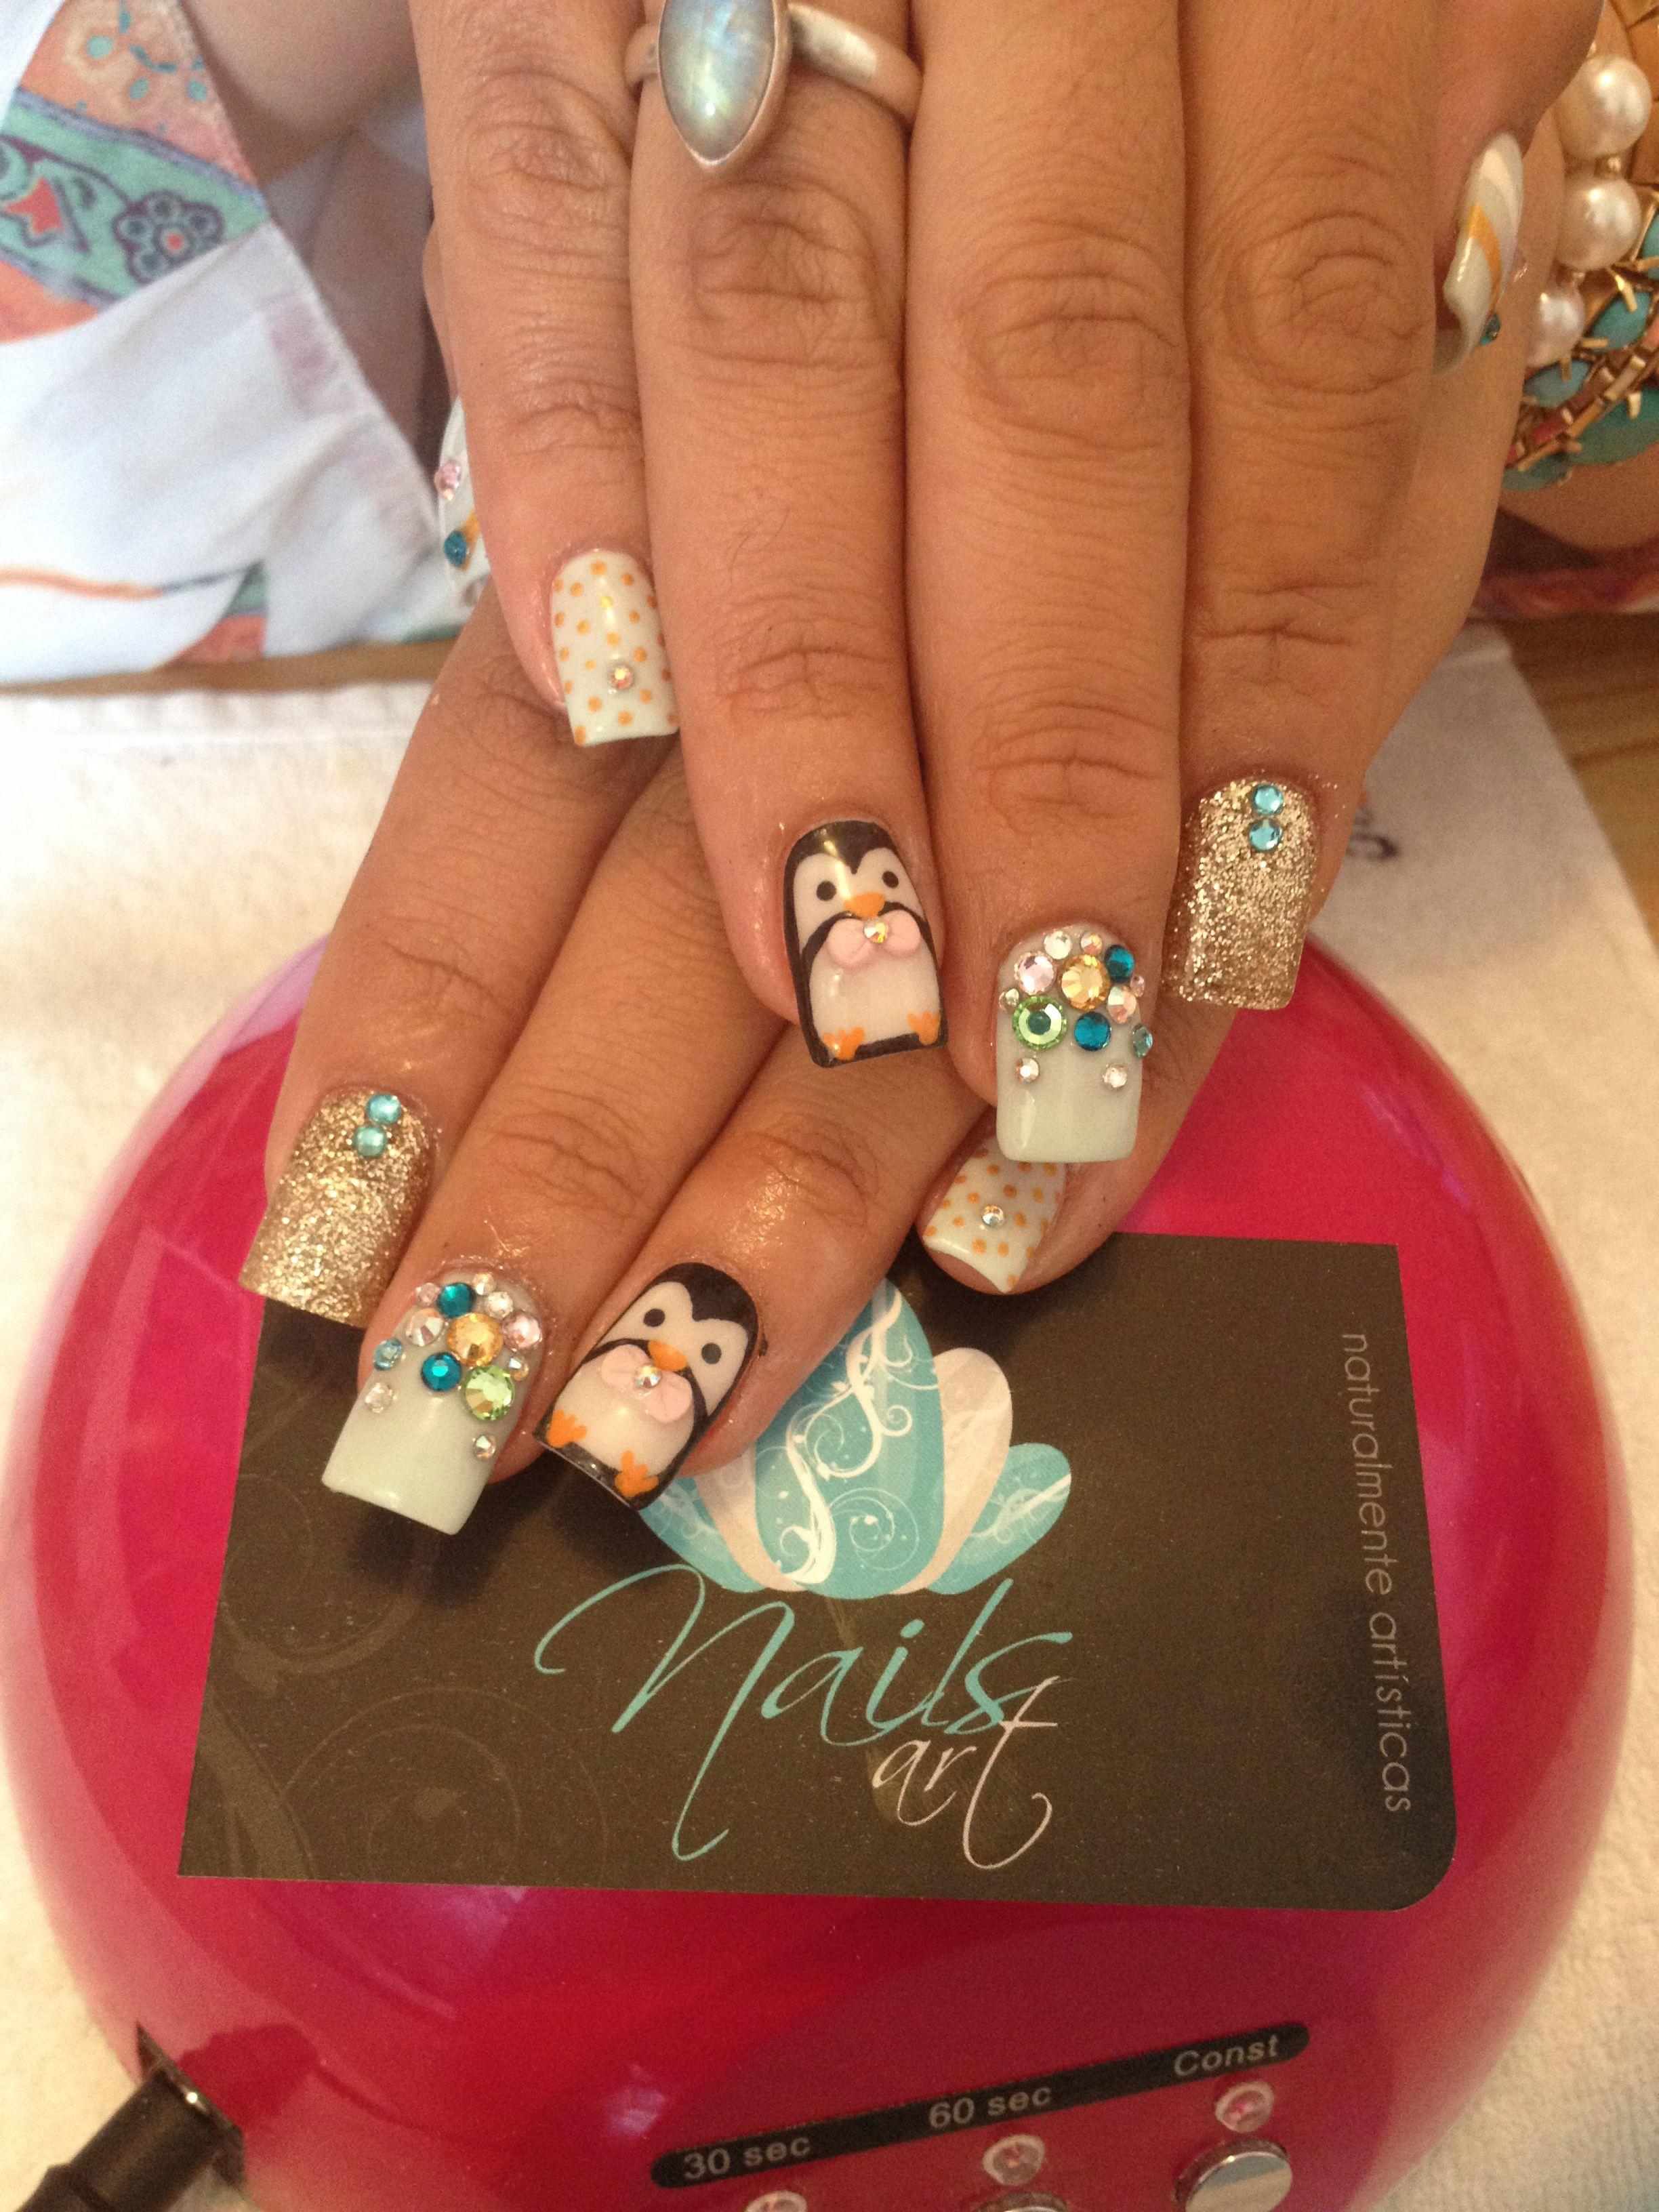 Nails art acrylic nails christmas nails Christmas nails